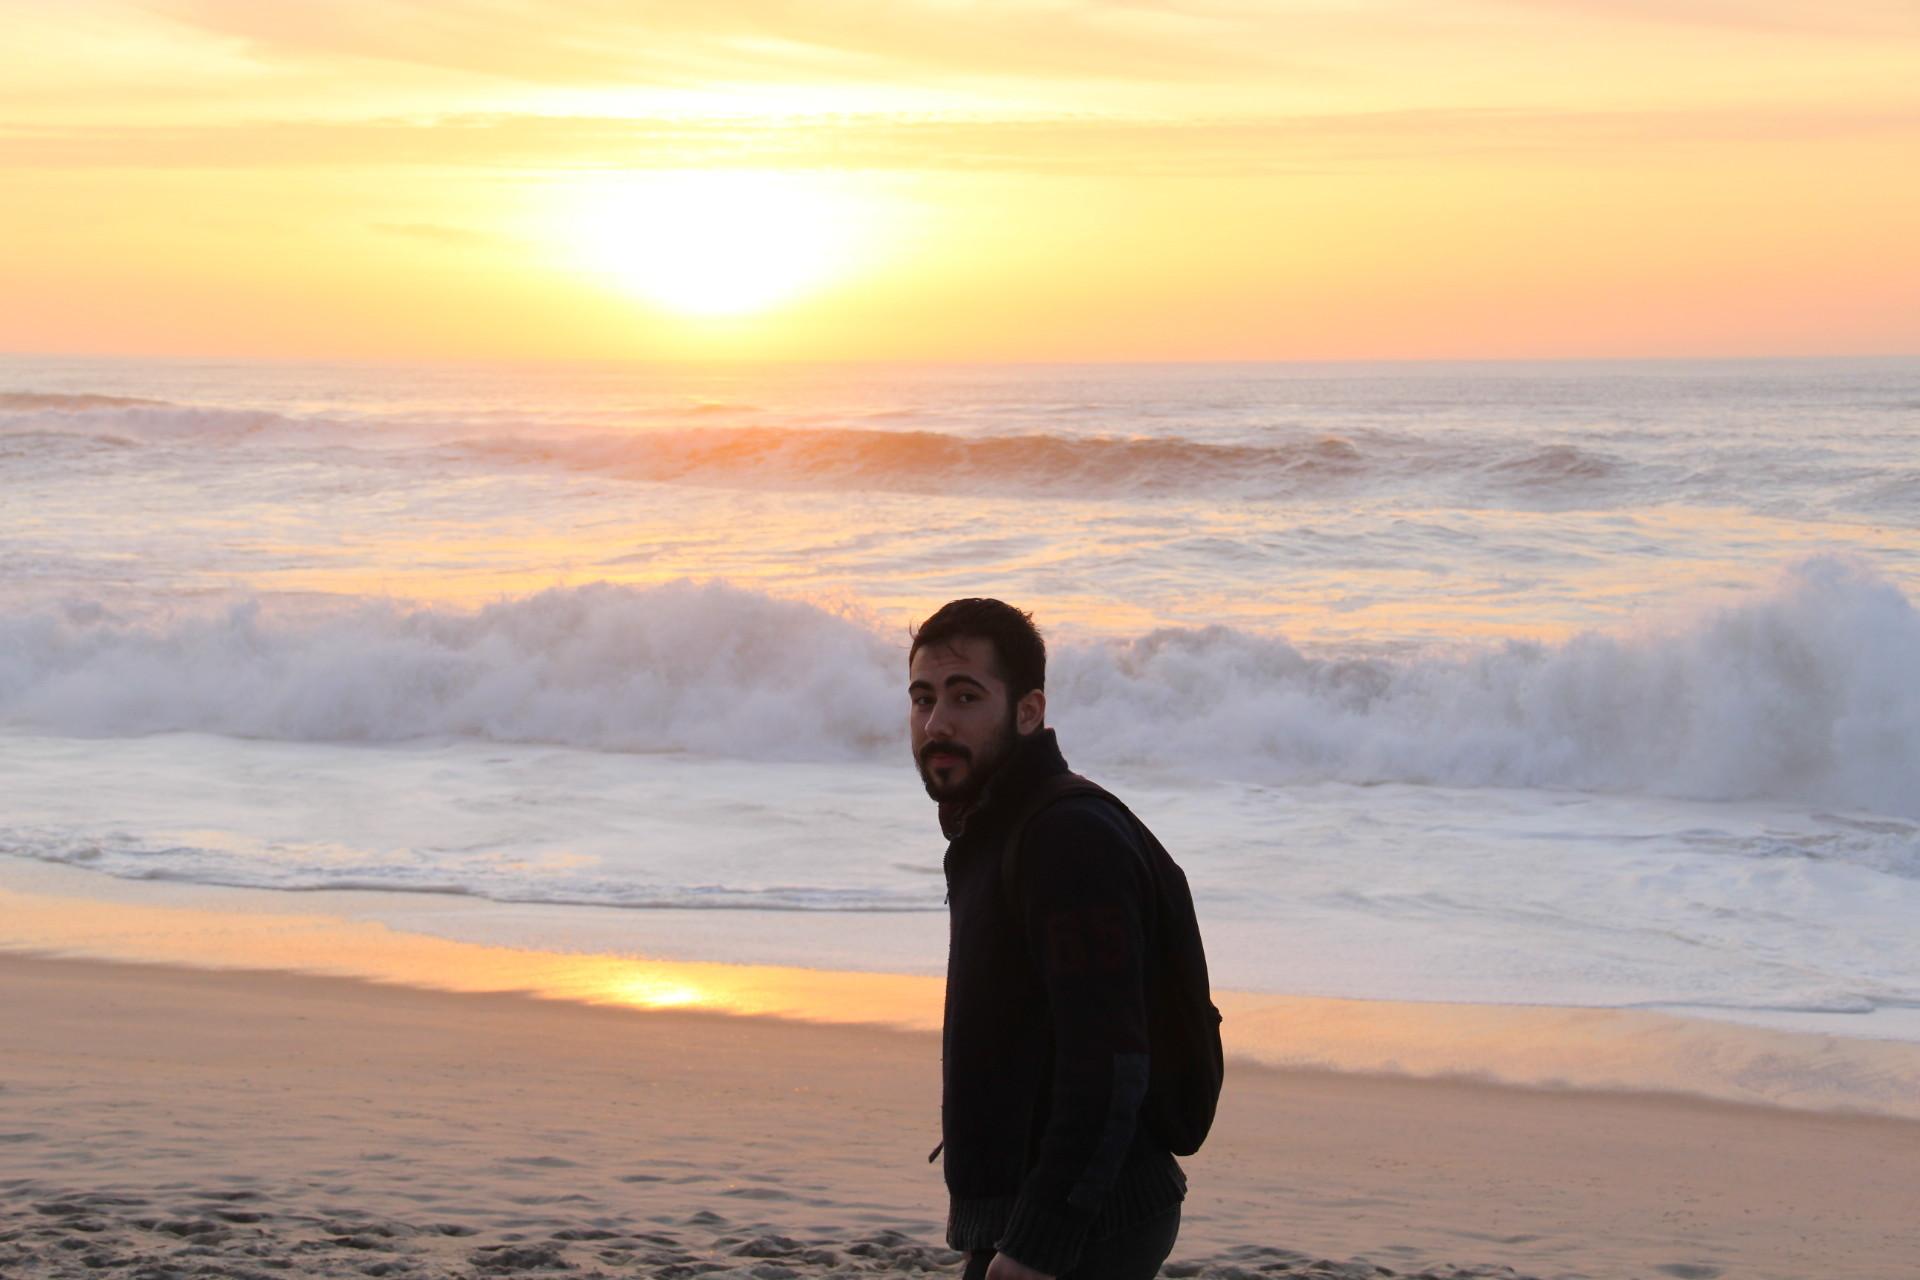 La playa de Costa Nova, en Portugal